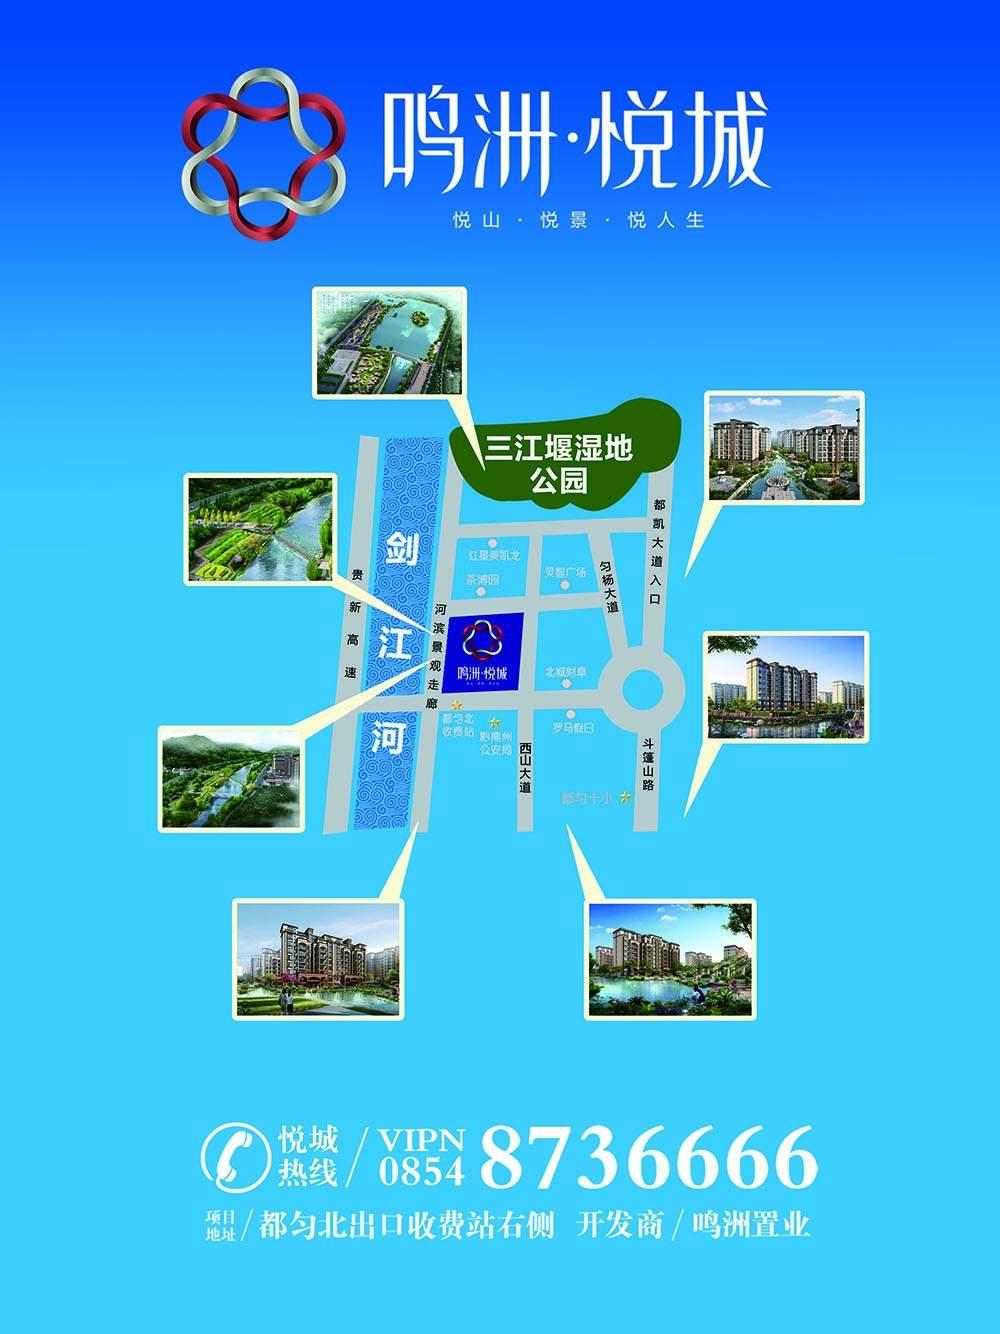 鸣洲悦城位置图